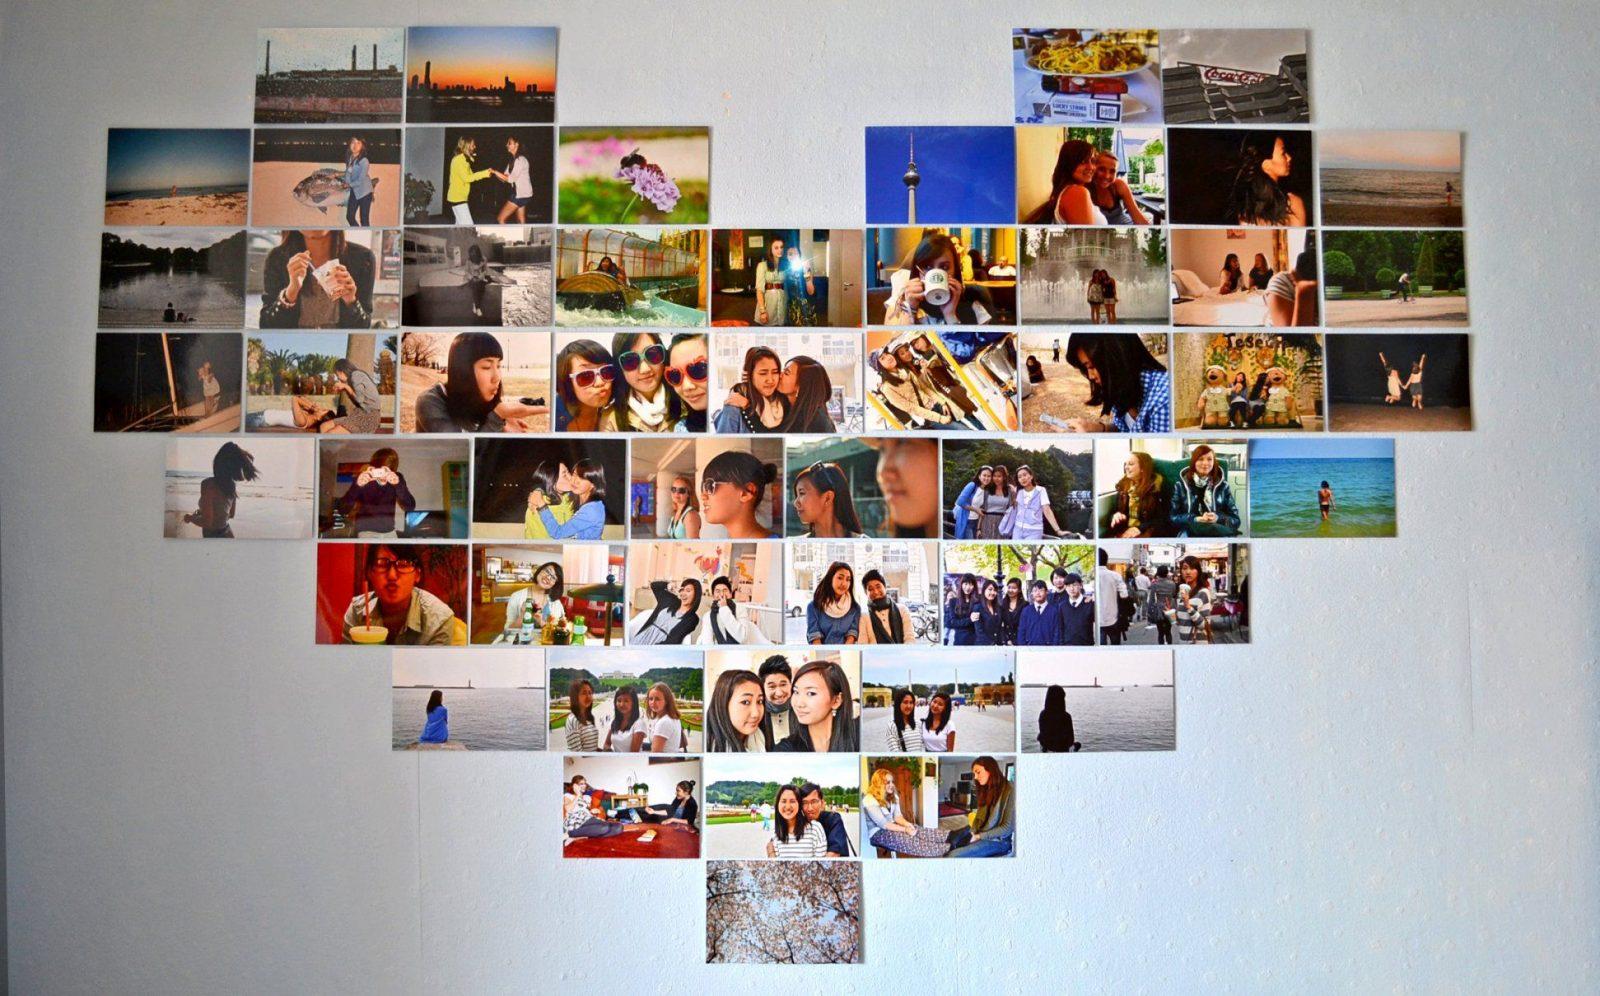 Fotowand ideen selber machen great m fotowand ideen ohne with fotowand ideen selber machen - Fotowand herz ...